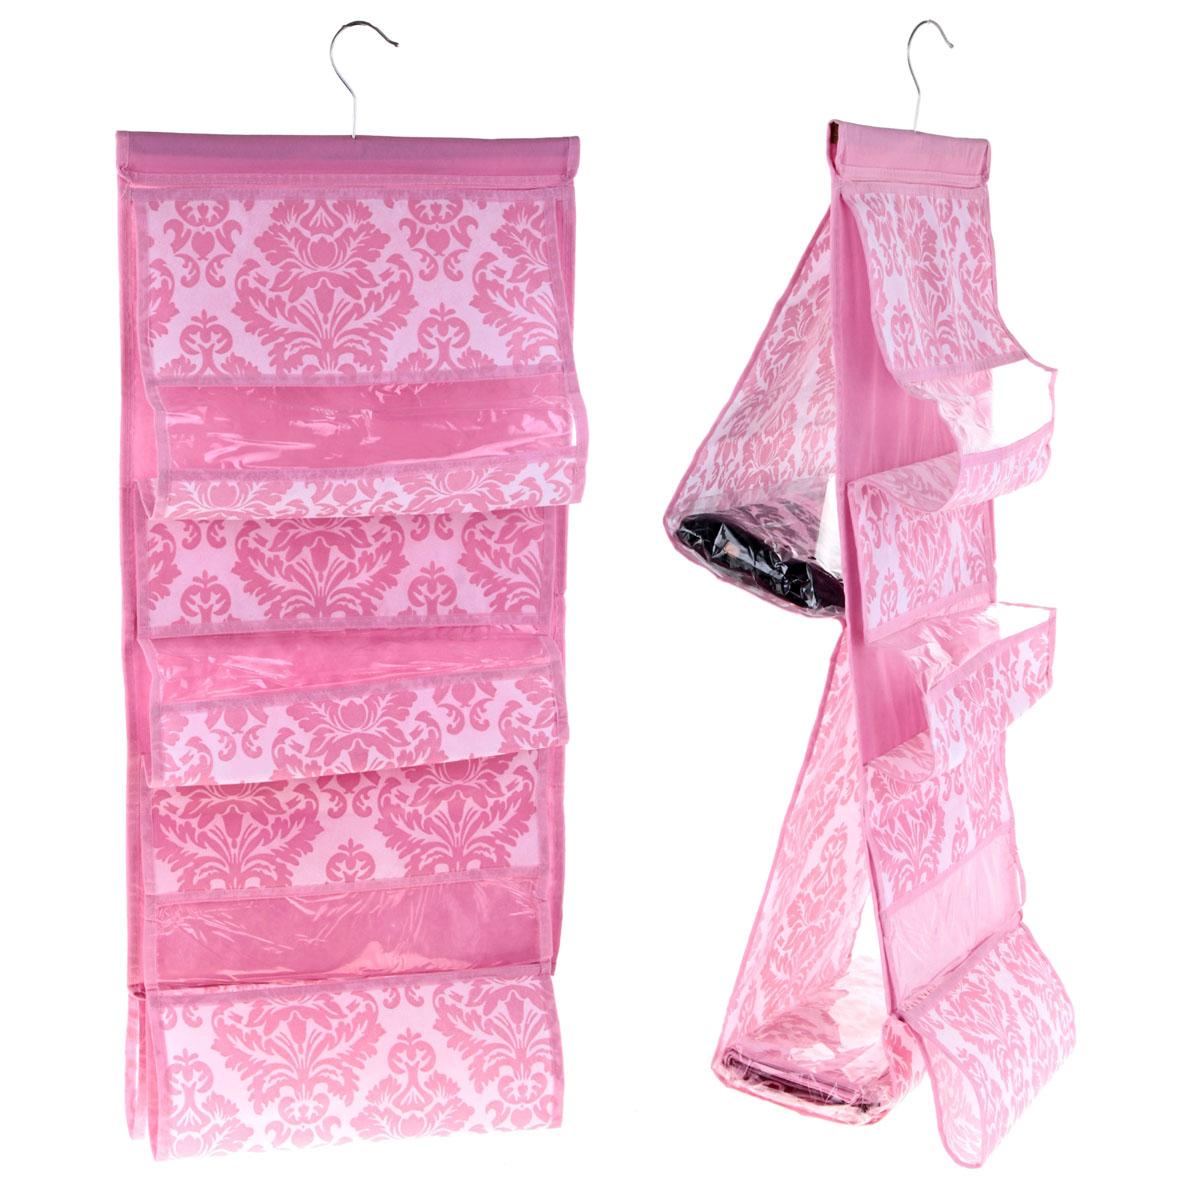 Органайзер для сумок Sima-land с вешалкой, цвет: розовый, 5 отделений. 709832709832Органайзер Sima-land, изготовленный из ПВХ и текстиля, предназначен для хранения сумок. Изделие представляет собой текстильное полотно с 5 пришитыми кармашками. Благодаря металлической вешалке, органайзер можно подвесить на стену или дверь в необходимом для вас месте. Органайзер декорирован оригинальным цветочным орнаментом. Этот нужный предмет может стать одновременно и декоративным элементом комнаты. Яркий дизайн, как ничто иное, способен оживить интерьер вашего дома.